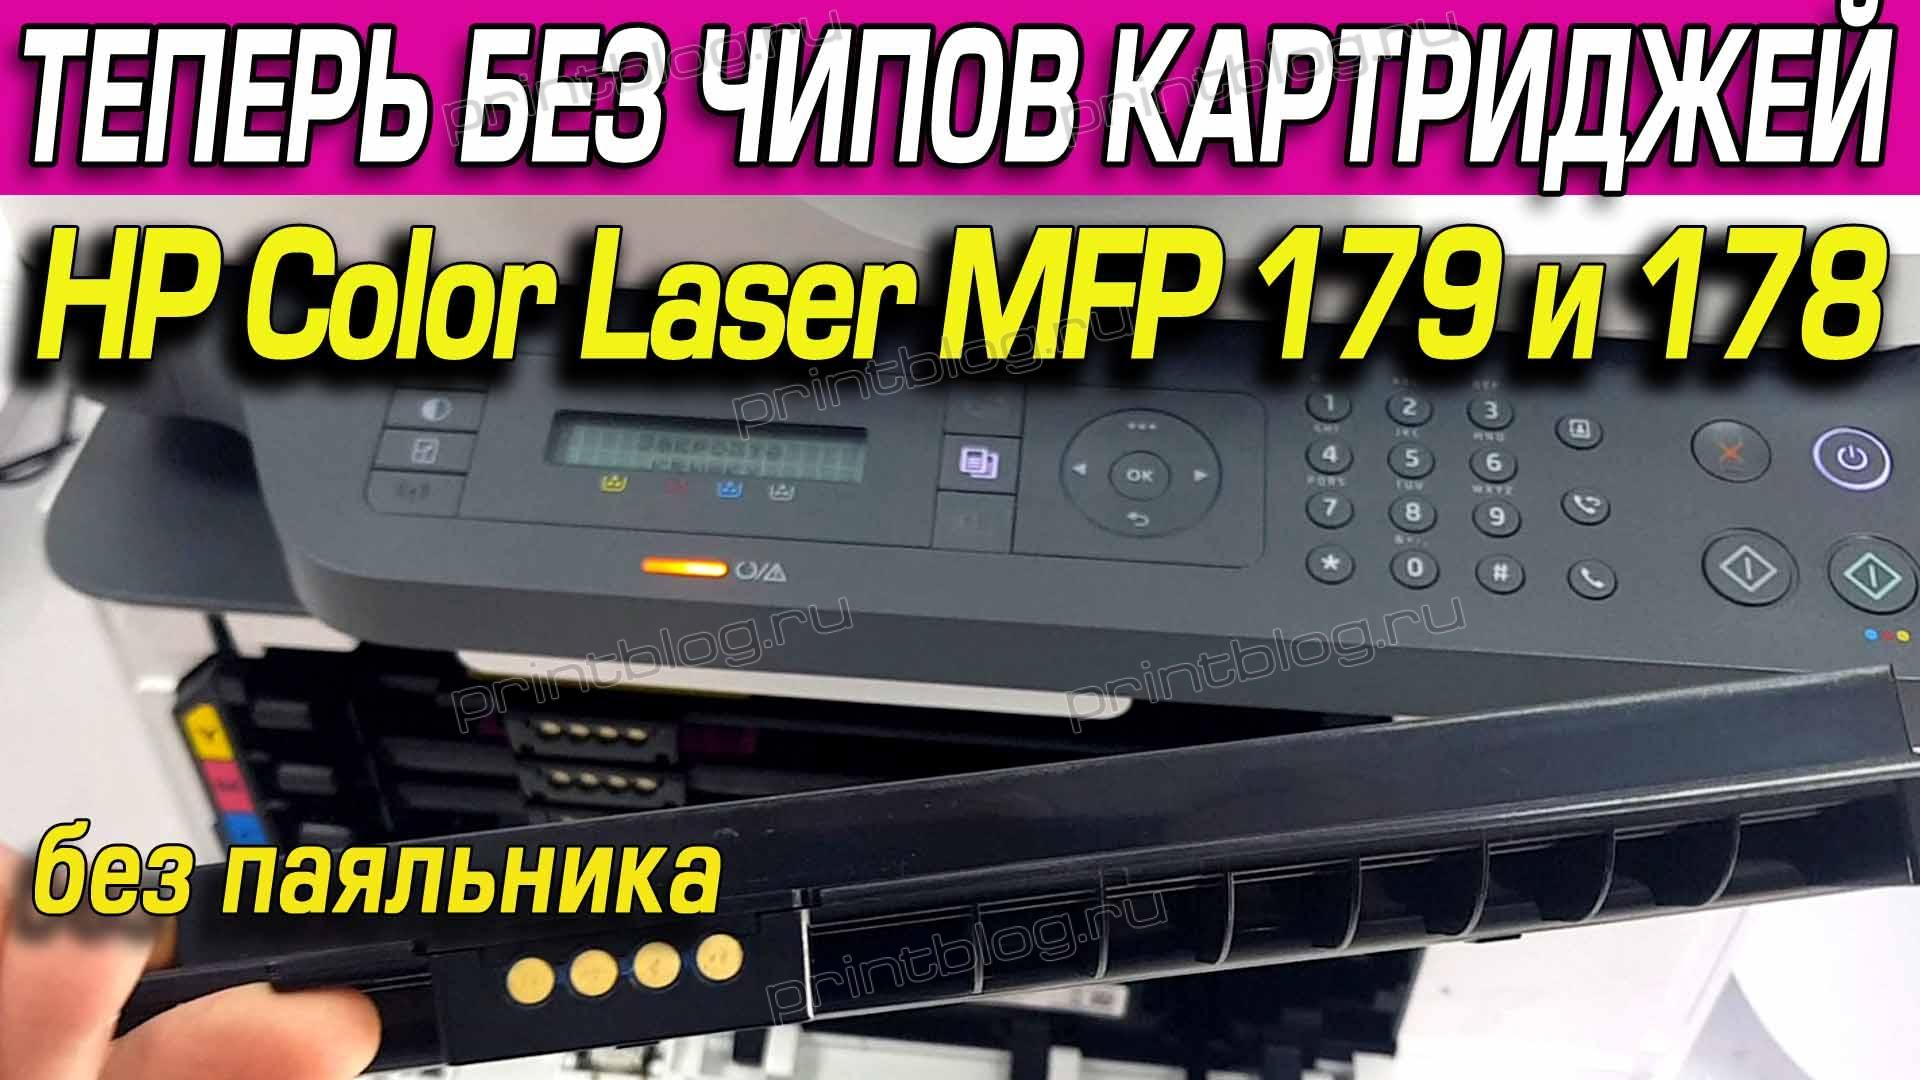 Прошивка принтера HP Color Laser MFP 179 и 178. Зачем? Как? Инструкция. Видео.